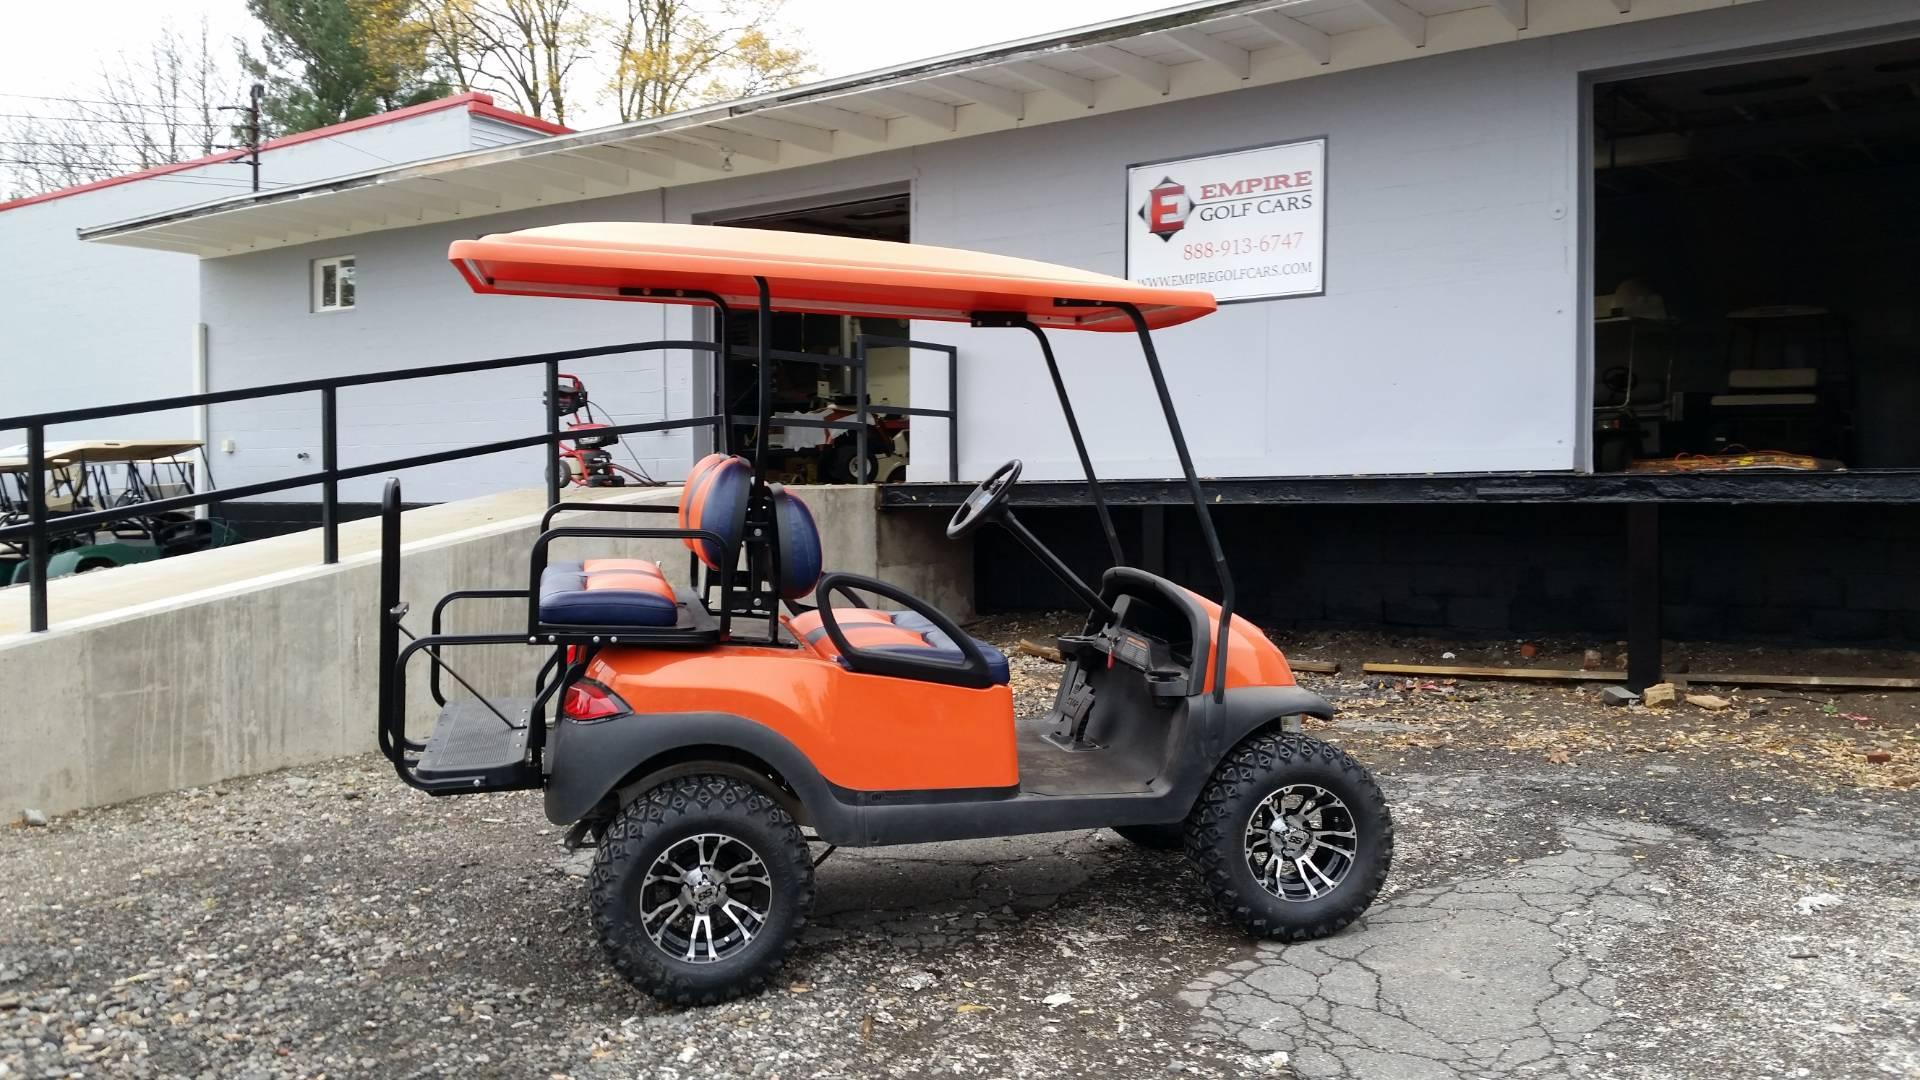 Used 2012 Club Car Precedent Golf Carts In Binghamton, NY